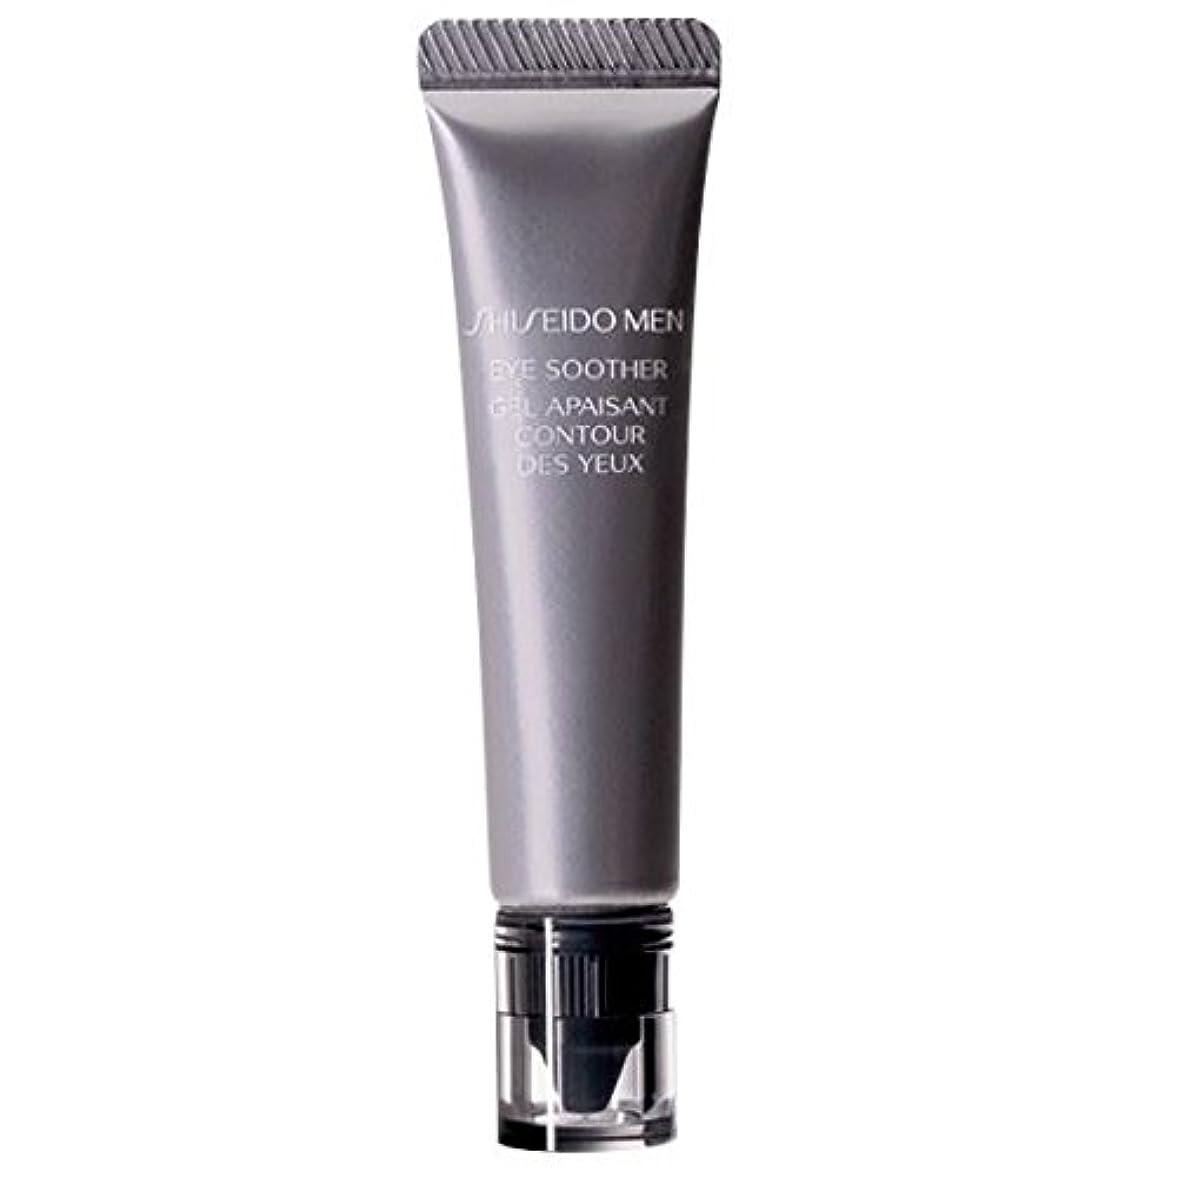 天使事実上試用[Shiseido ] 資生堂の男性の目のおしゃぶりの15ミリリットル - Shiseido Men Eye Soother 15ml [並行輸入品]